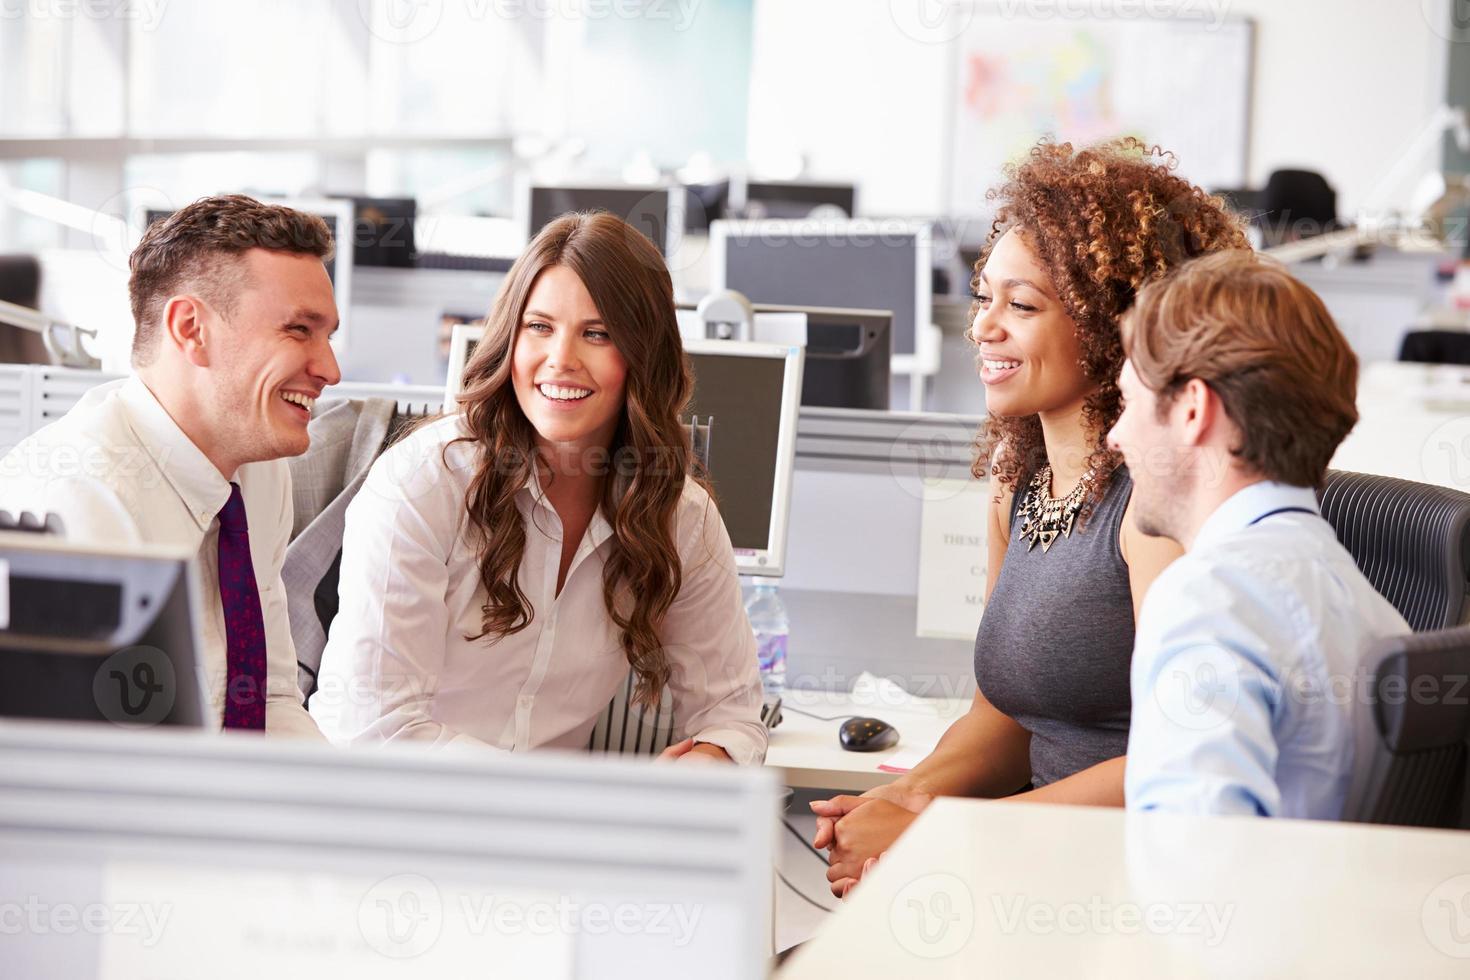 quatre jeunes collègues de bureau lors d'une réunion d'équipe décontractée photo